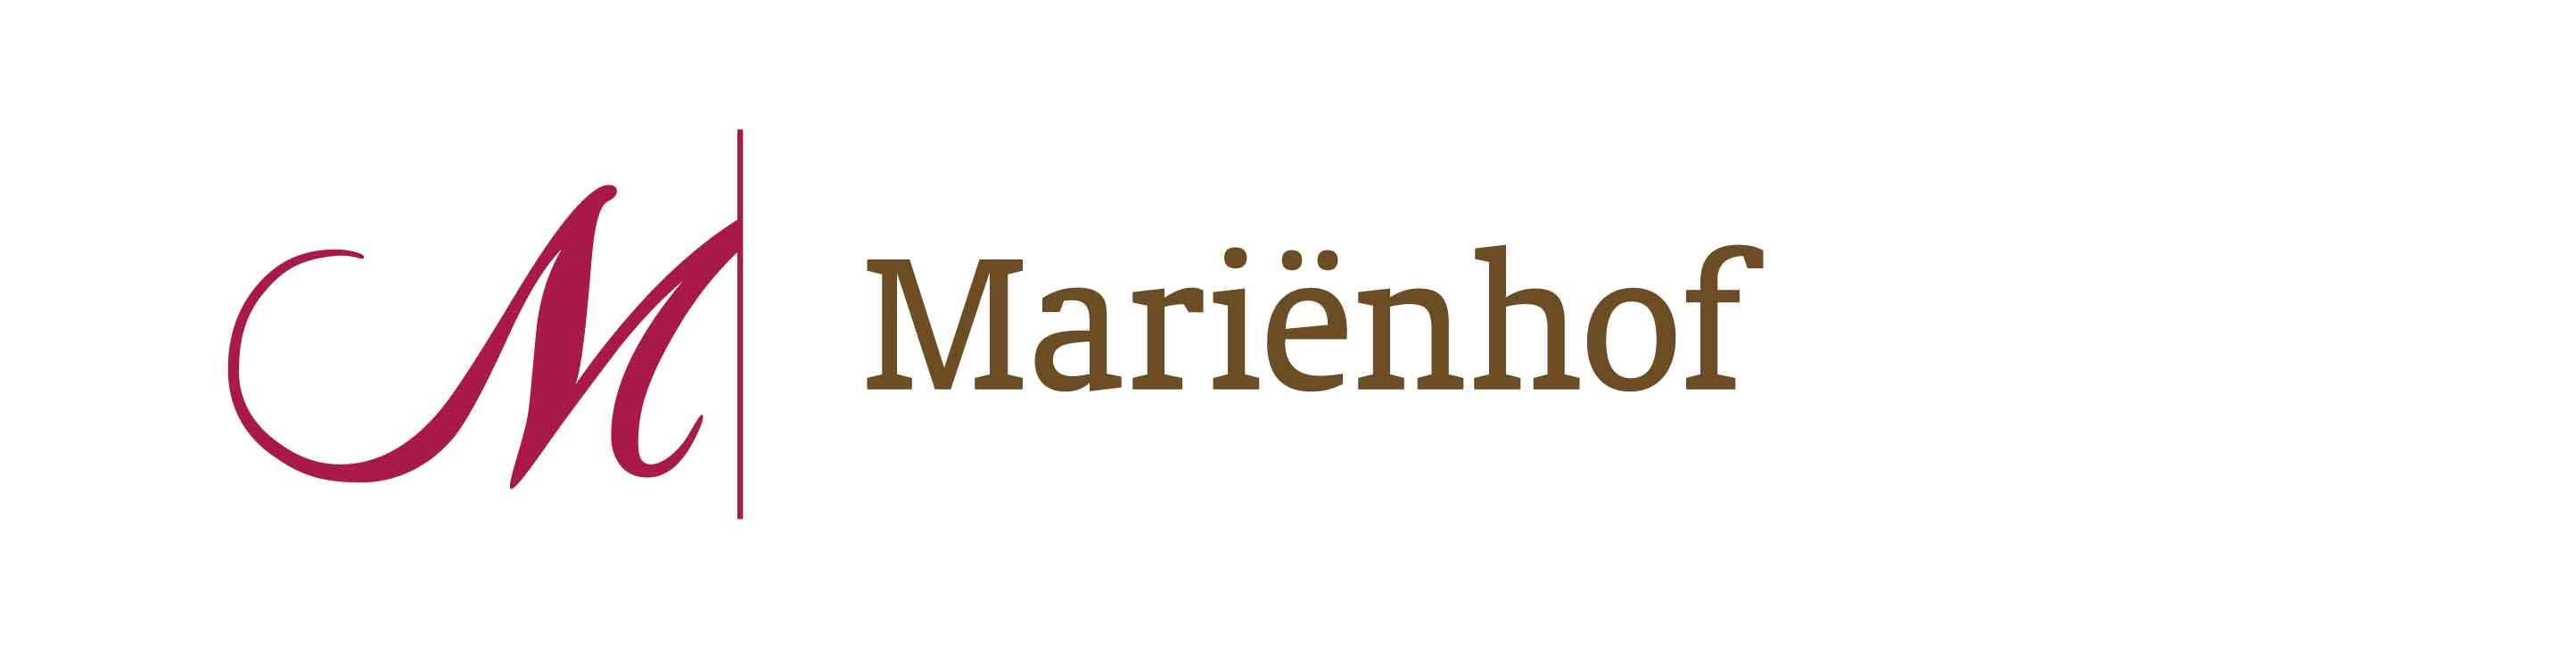 Bas Uijlings is voorkeurs leverancier geworden bij De Marienhof in Amersfoort